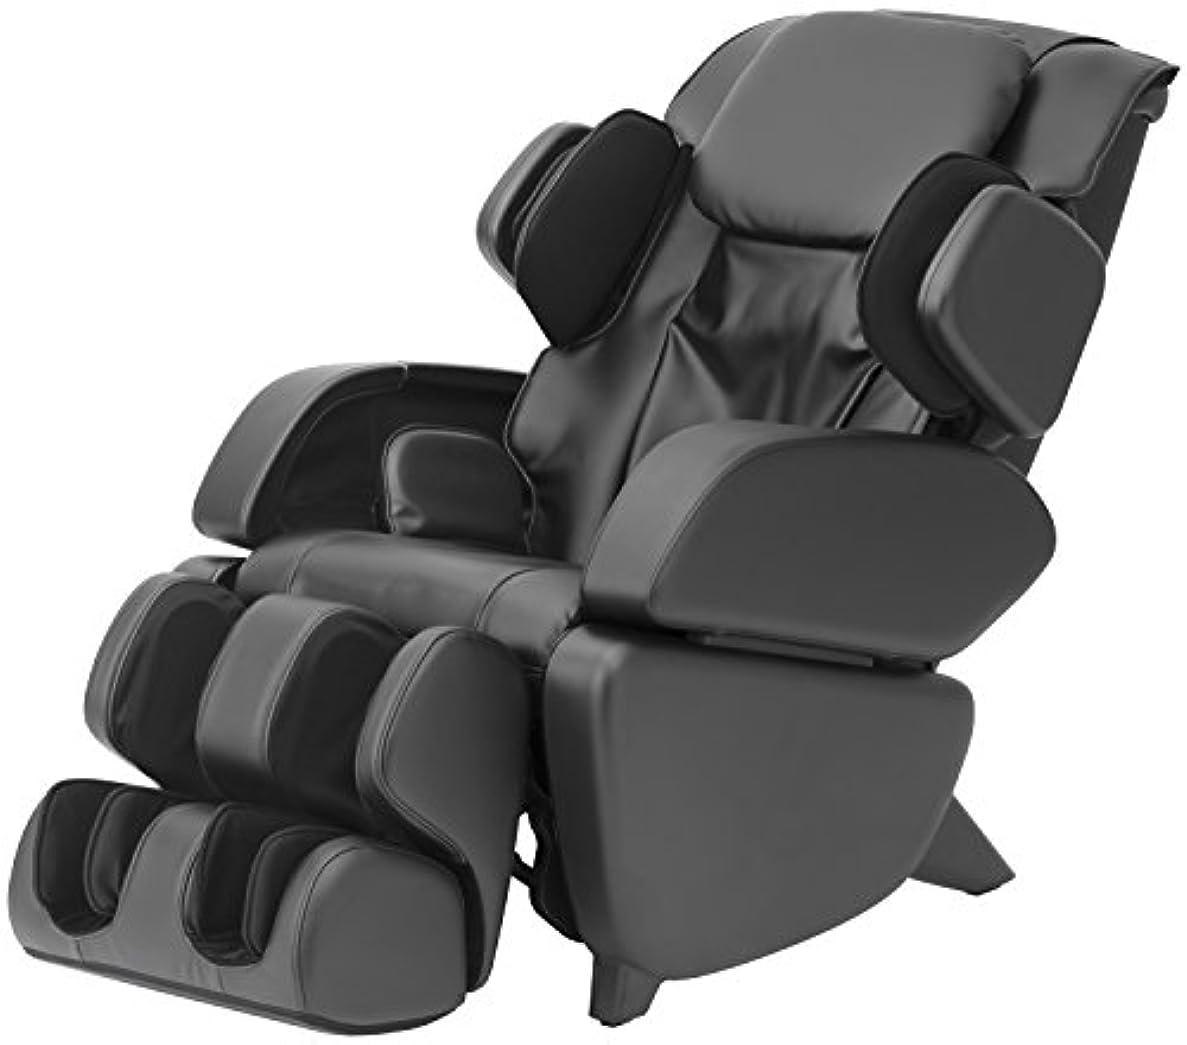 反逆調べる迷信スライヴ マッサージチェア くつろぎ指定席 「つかみもみ?エアーマッサージ機能搭載」 通販限定モデル ブラック CHD-9004-S(K)